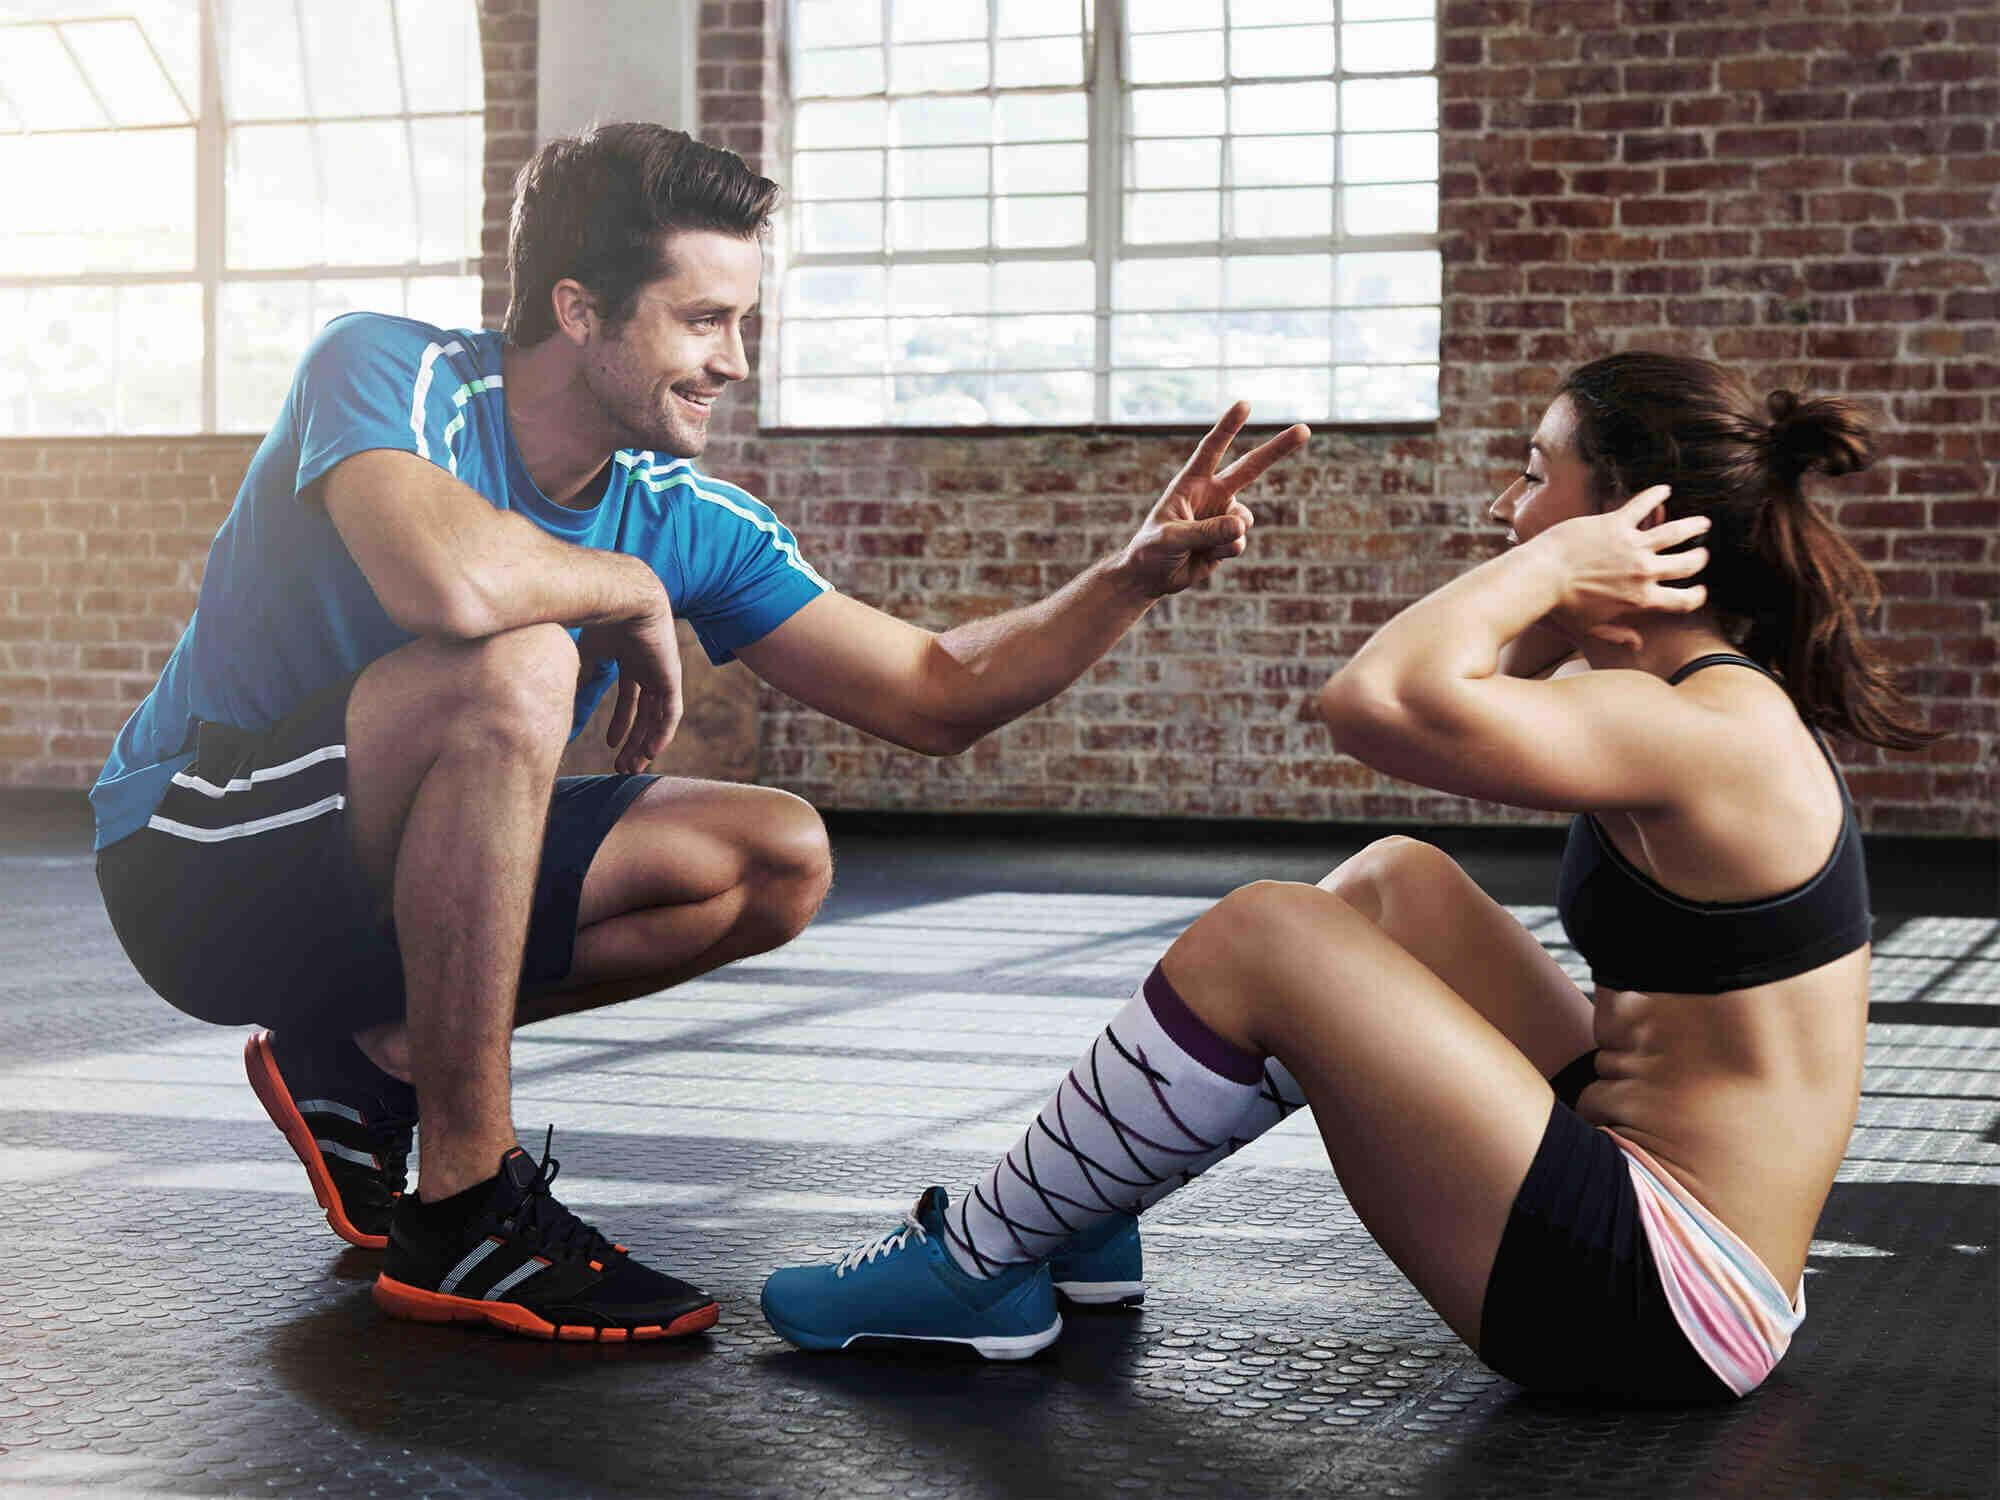 Quel sport devrait commencer à 35 ans?